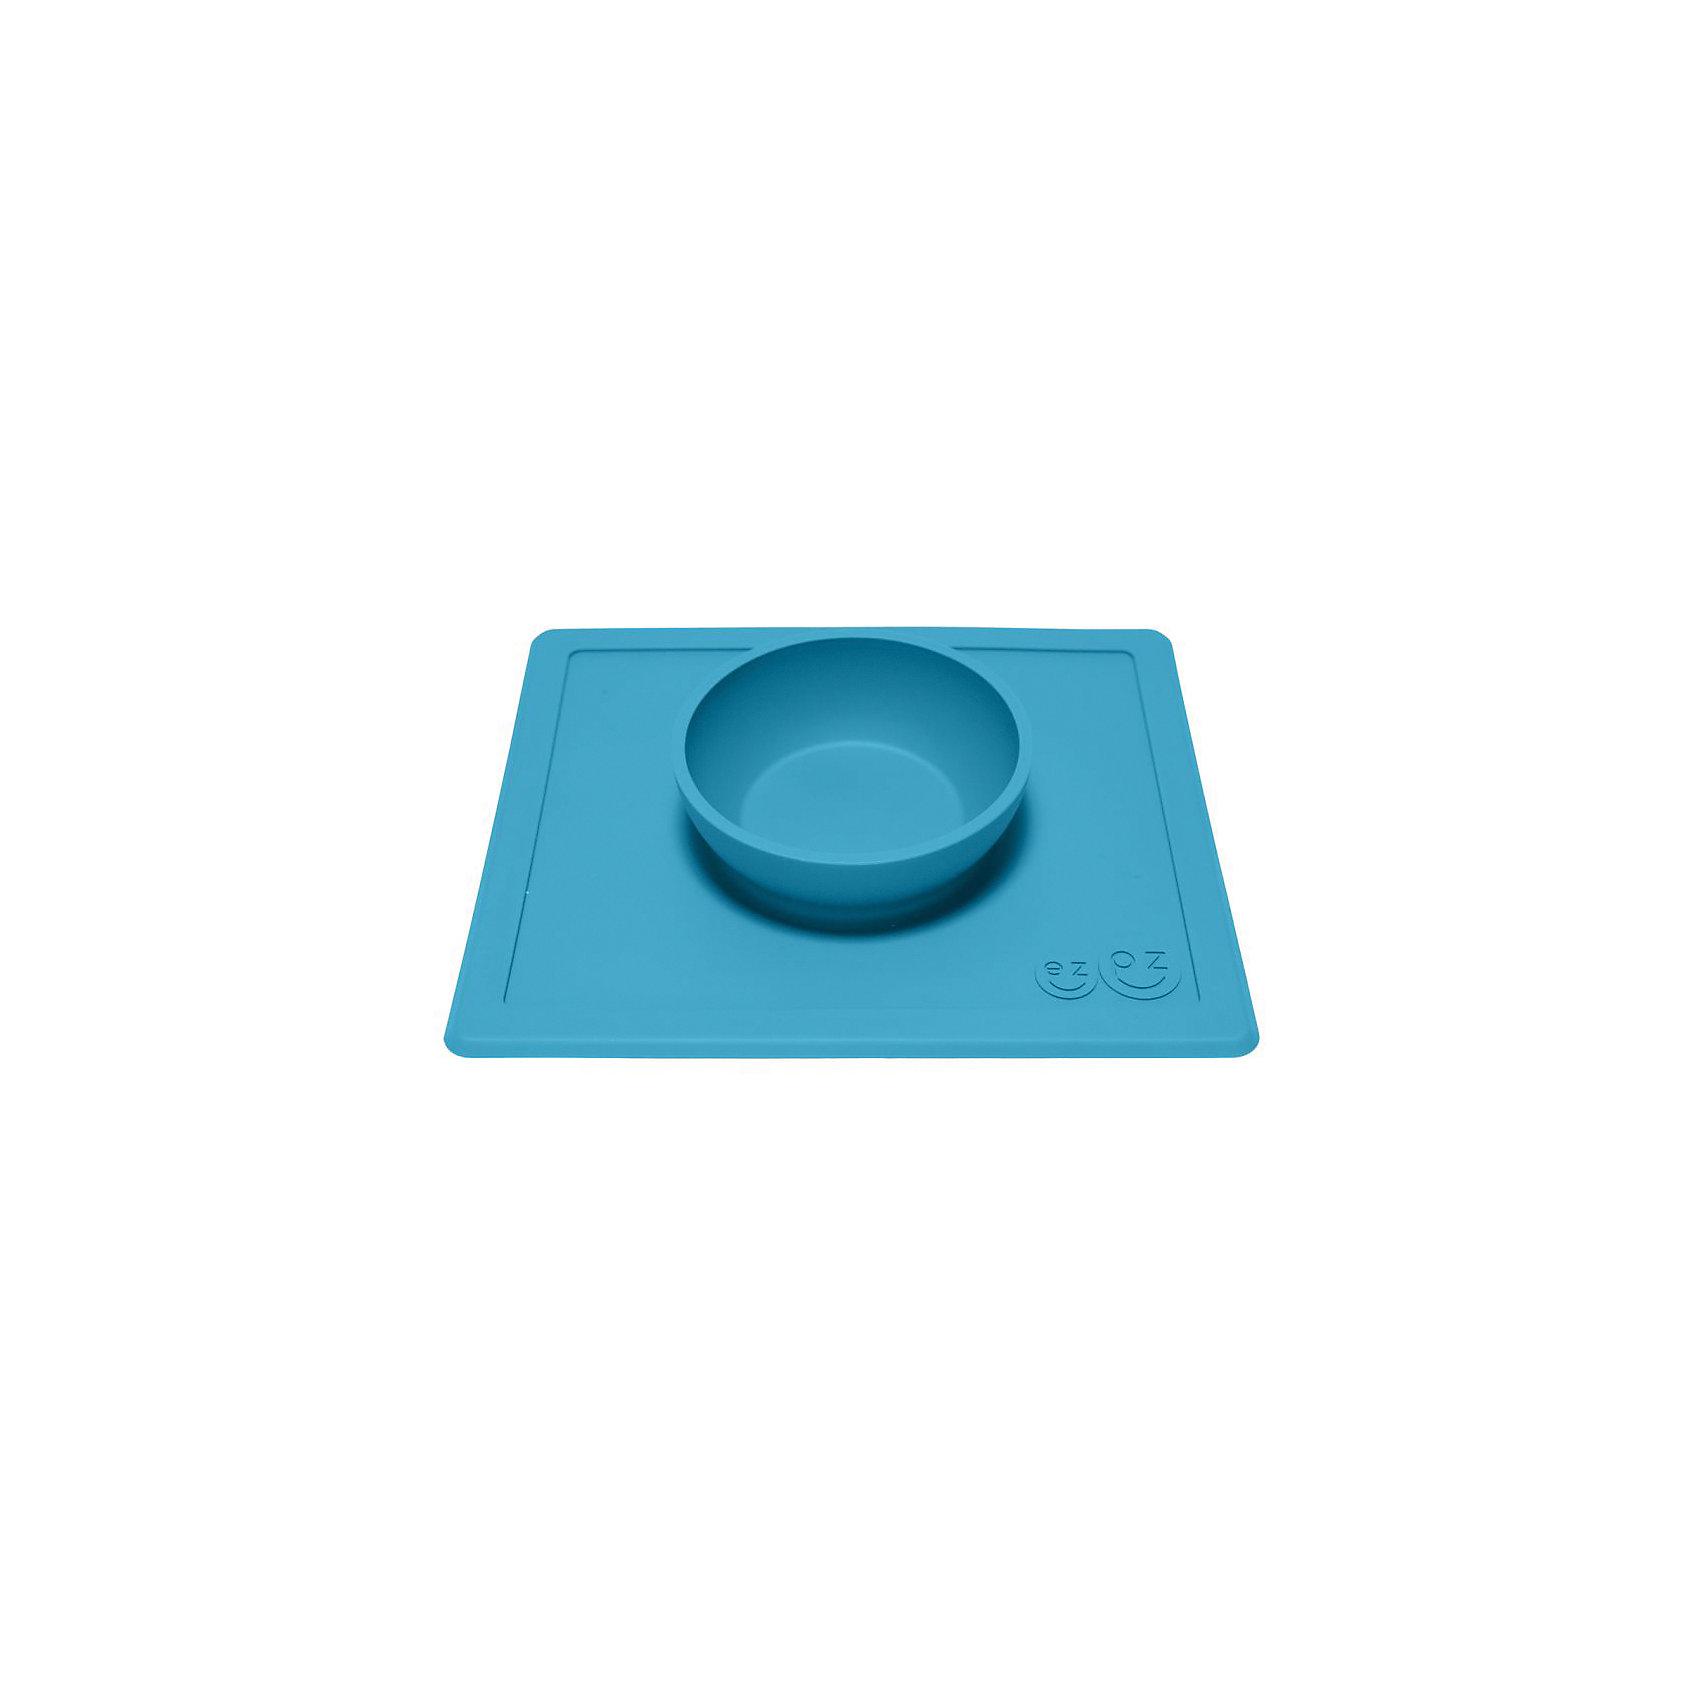 Тарелка с подставкой Happy Bowl, ezpz, синийТарелка с подставкой Happy Bowl, ezpz, синий.<br><br>Характеристики:<br>• изготовлена из качественного пищевого силикона<br>• не содержит бисфенол, свинец, фталаты и ПВХ<br>• надежно прикрепляется к столу<br>• не имеет присосок<br>• сгибается по краям<br>• подходит для использования в посудомоечной машине и микроволновой печи<br>• состав: 100% силикон<br>• размер: 26,5х22,5х3,5 см<br>• объем: 240 мл<br>• цвет: синий<br><br>Тарелка с подставкой Happy Bowl, ezpz отлично подойдет для детей, которые только учатся есть аккуратно. Вы можете налить ребенку суп в чашу и не бояться, что малыш прольет его, ведь тарелка надежно крепится к столу за счет своего веса. По краям мата вы сможете положить хлеб, чашку или столовые приборы. Тарелку можно греть в микроволновой печи и мыть в посудомоечной машине, что еще больше облегчает ее использование. <br><br>Тарелку с подставкой Happy Bowl, ezpz, синий можно приобрести в нашем интернет-магазине.<br><br>Ширина мм: 260<br>Глубина мм: 35<br>Высота мм: 225<br>Вес г: 460<br>Возраст от месяцев: 0<br>Возраст до месяцев: 36<br>Пол: Унисекс<br>Возраст: Детский<br>SKU: 5068706